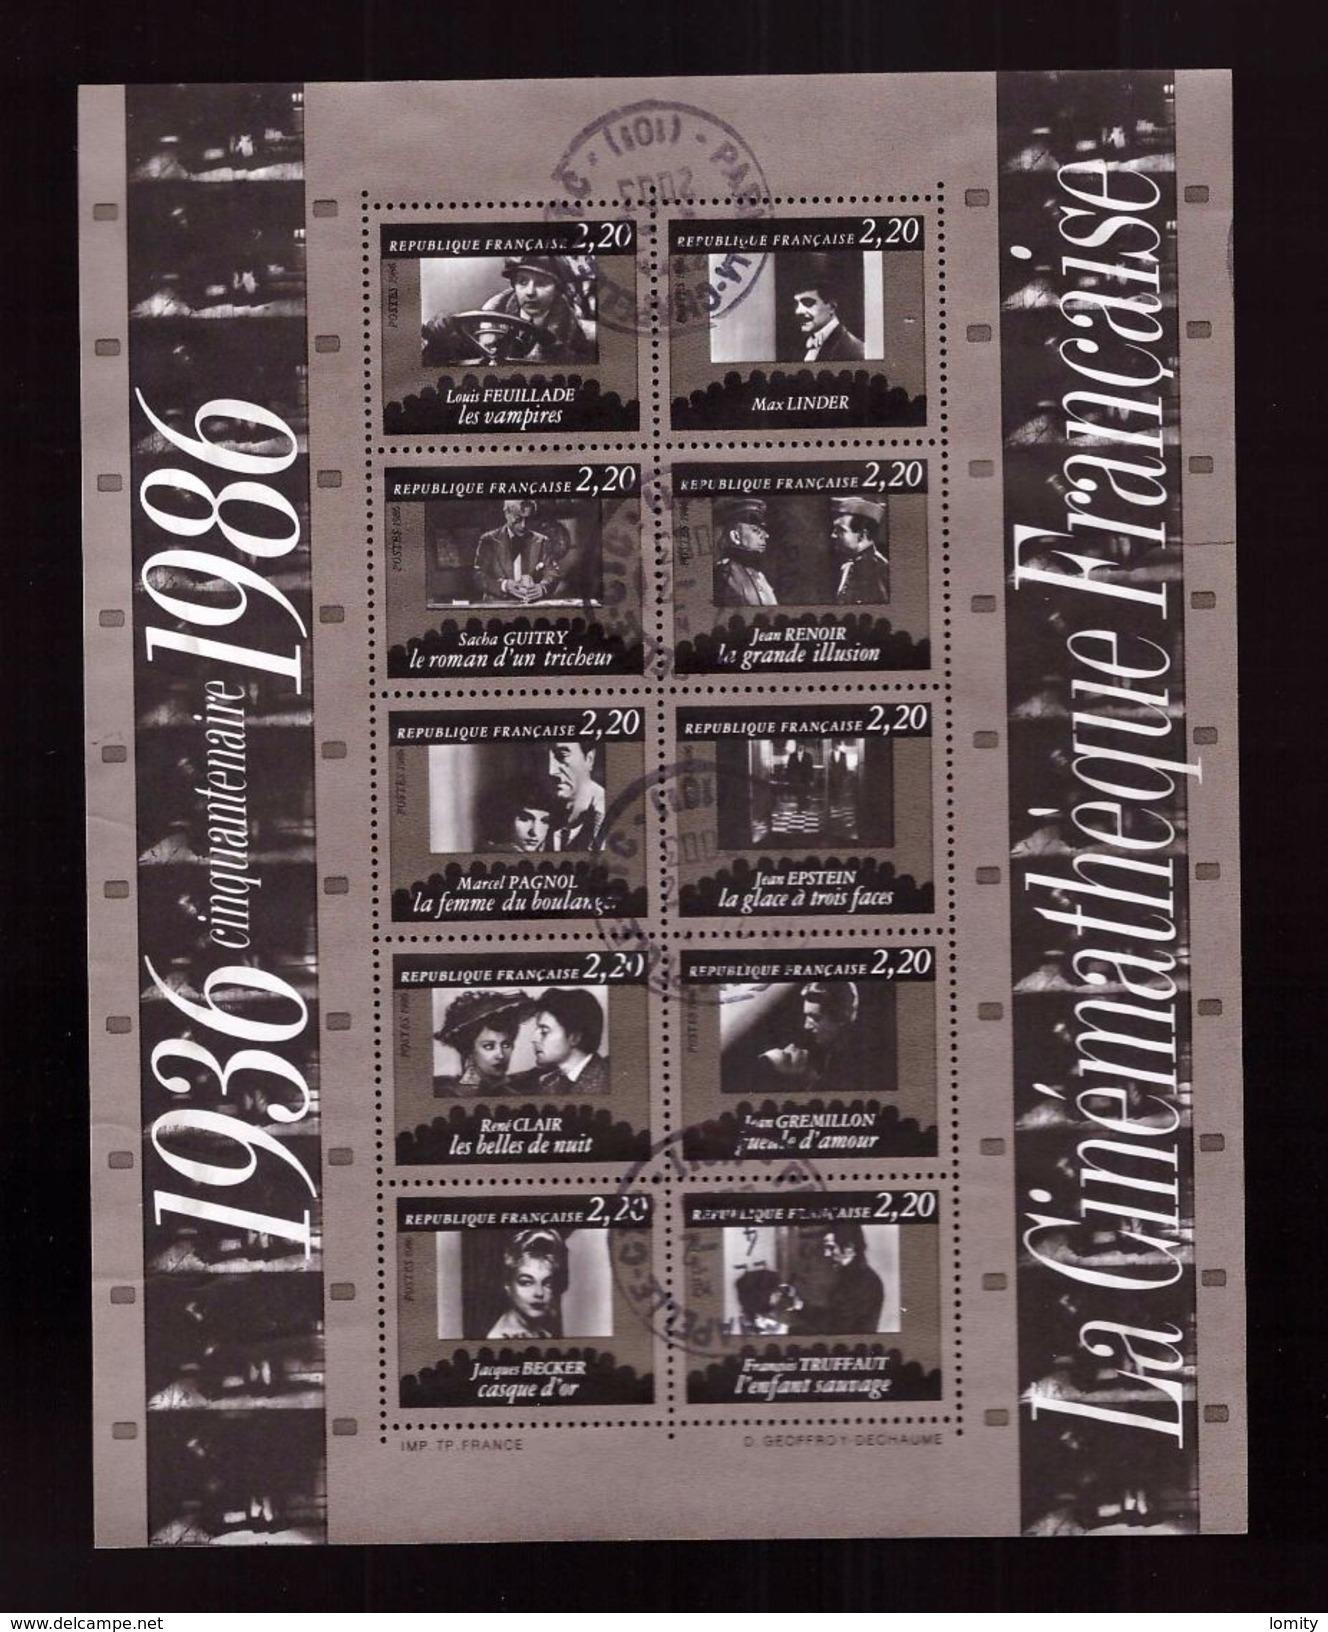 France  Bloc Feuillet Oblitéré N°9 Cinquantenaire Cinematheque Française Timbre N° 2433 à 2442 - Sheetlets